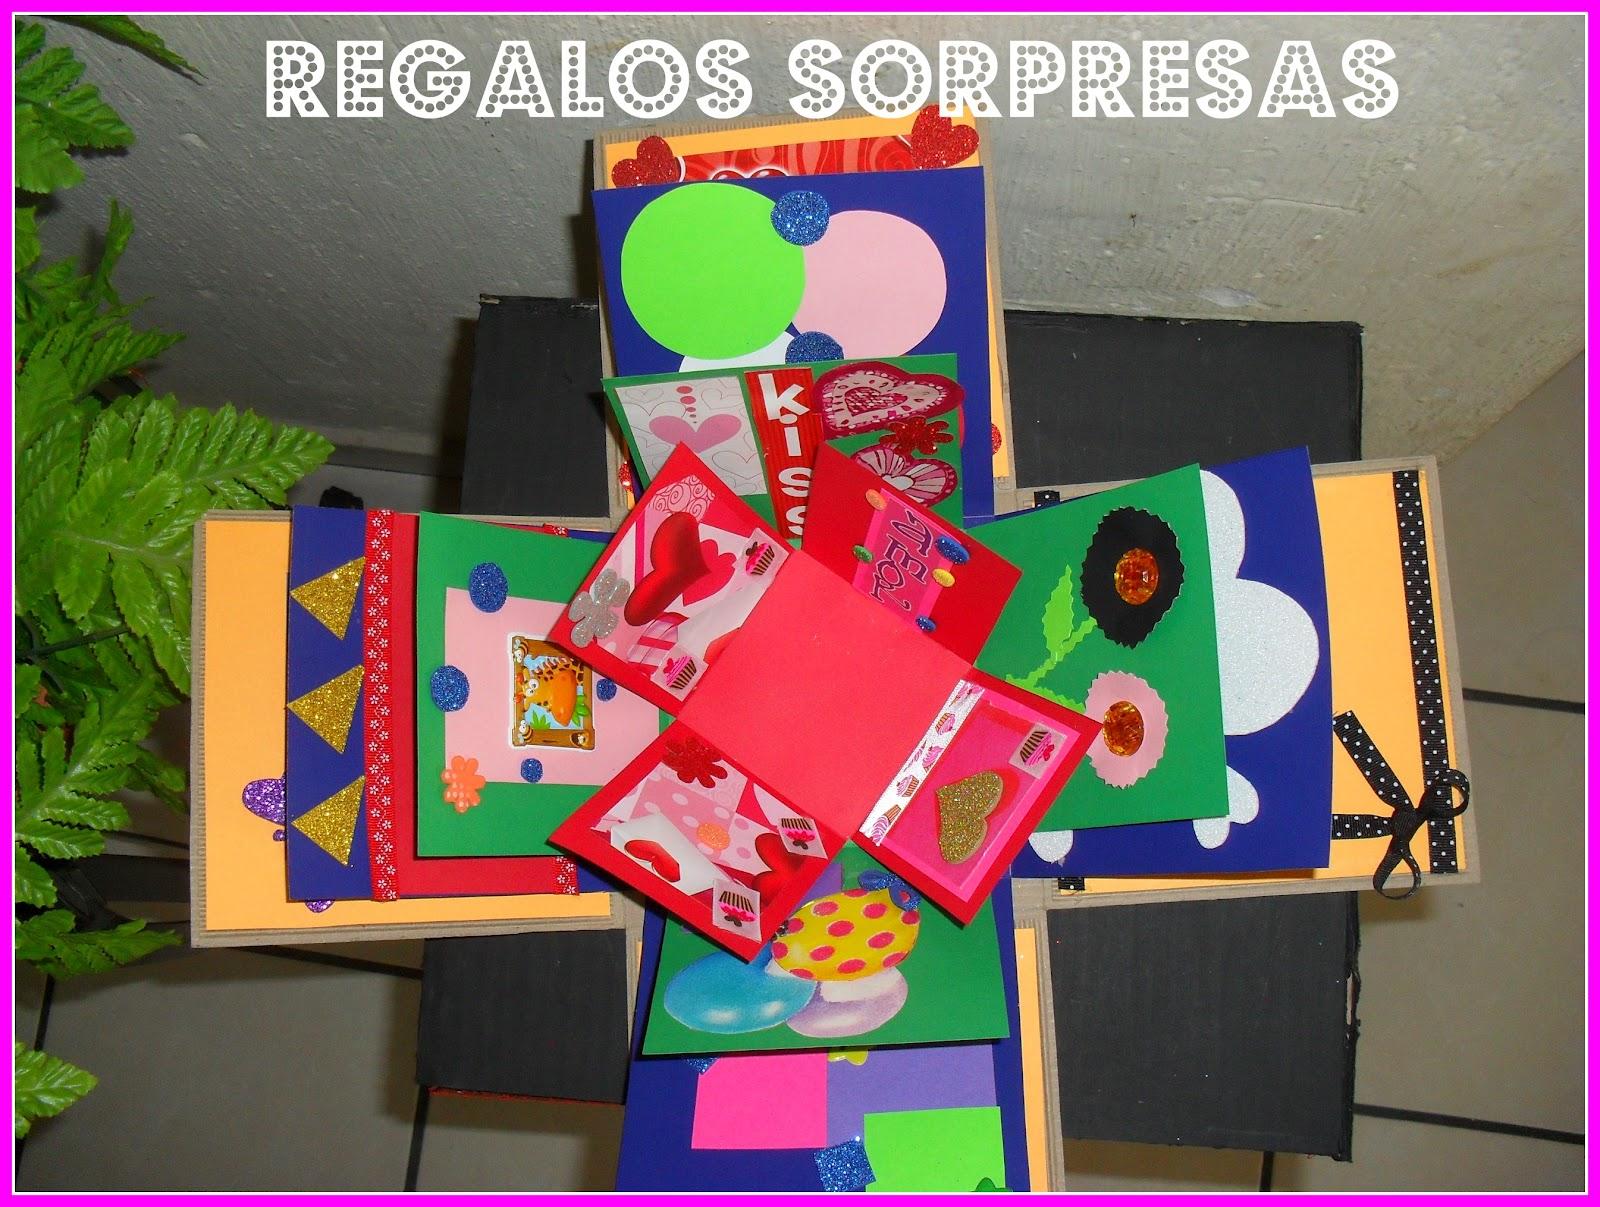 Regalos sorpresas cajas explosivas for Cajas de carton pequenas decoradas